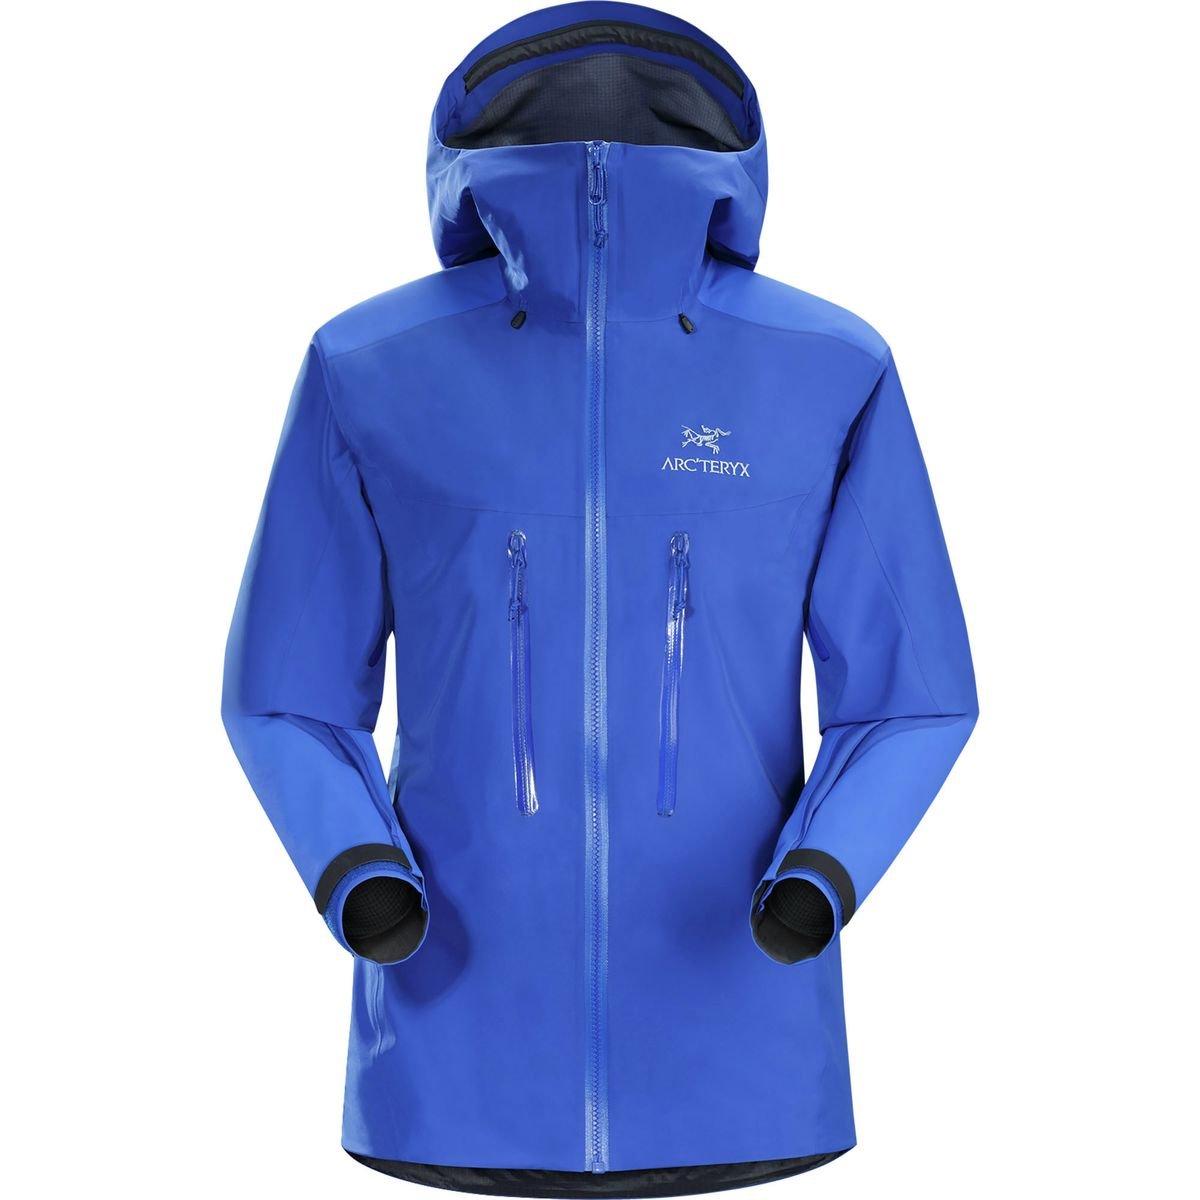 (アークテリクス) Arc'teryx Alpha AR Jacket Women's メンズ ジャケットSomerset Blue [並行輸入品] B078RHV4Z3  Somerset Blue XL